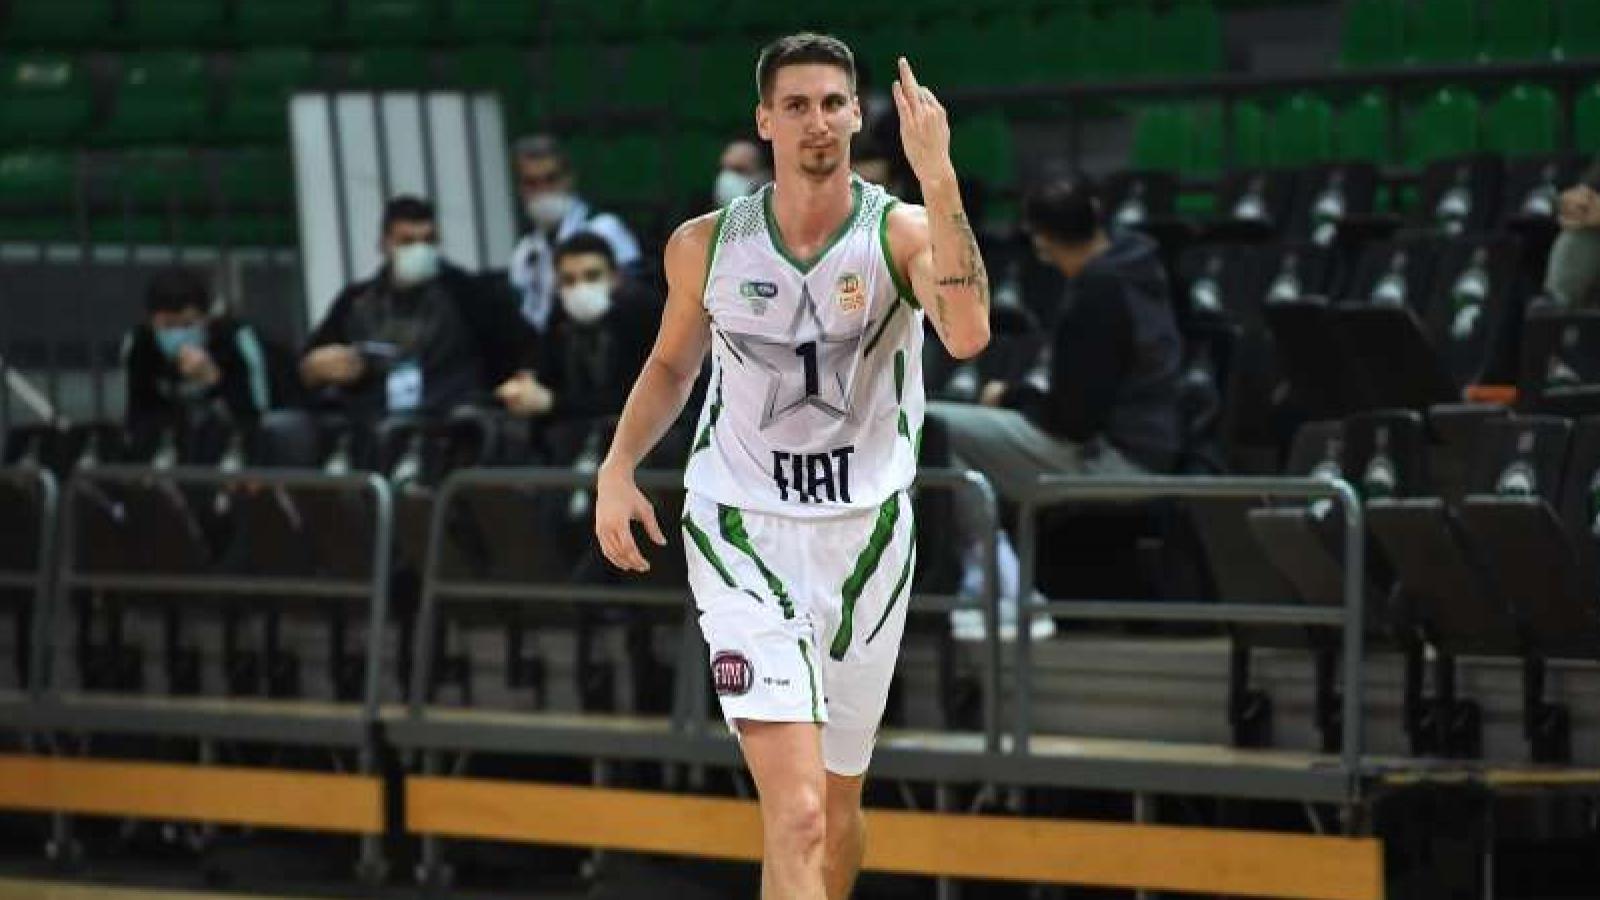 TOFAŞ'ta Hırvat basketbolcu Zubcic sakatlığı nedeniyle en az 4 hafta sahalardan uzak kalacak